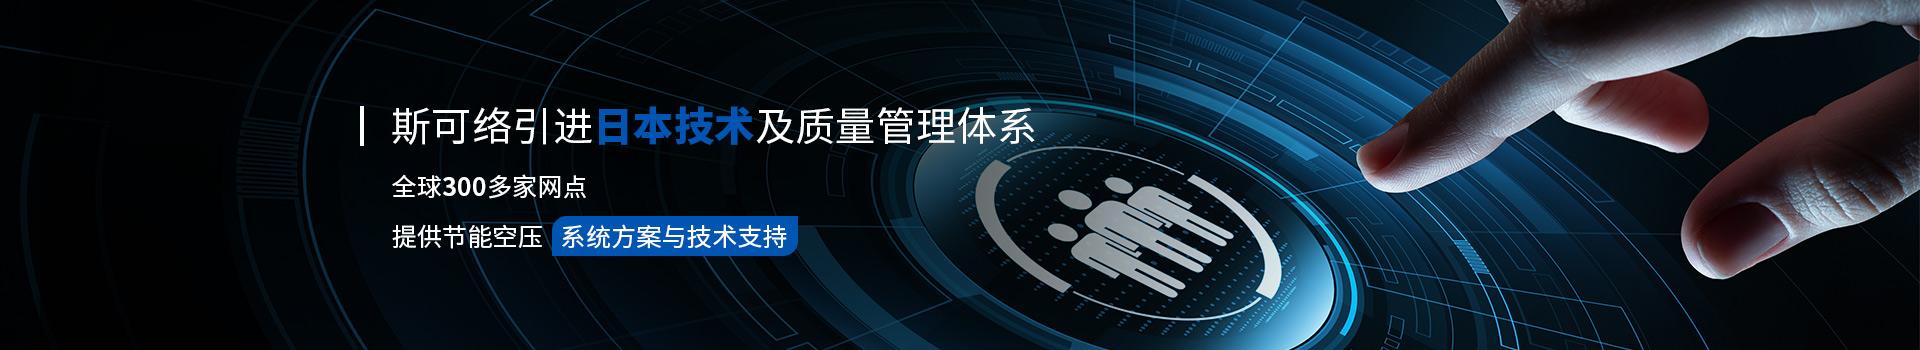 斯可络引进日本技术及质量管理体系